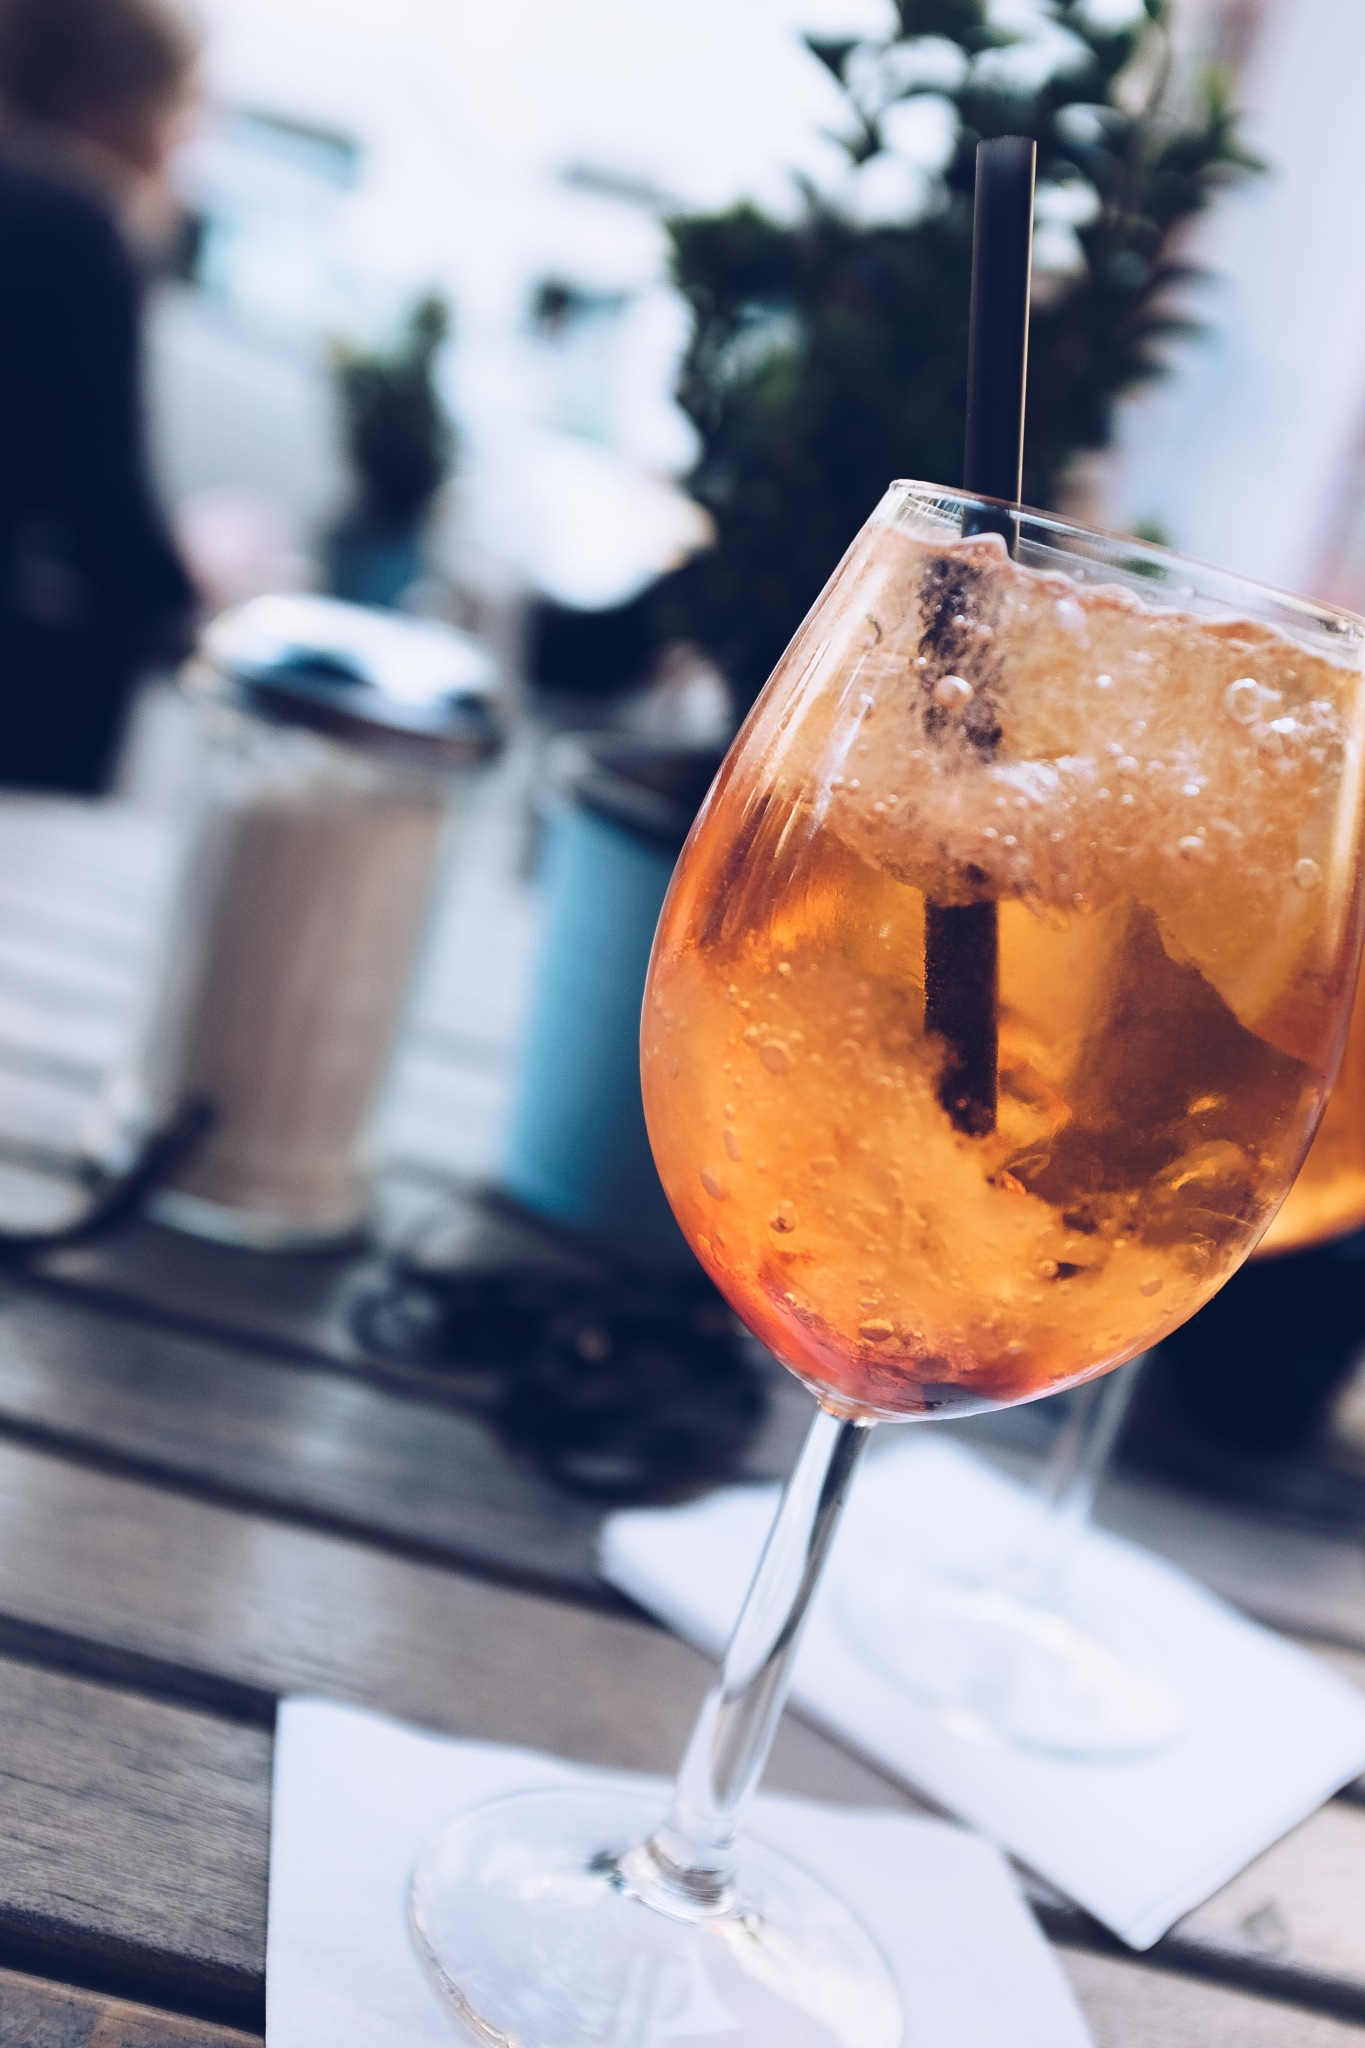 Saturday aperitiv by michelevascellari